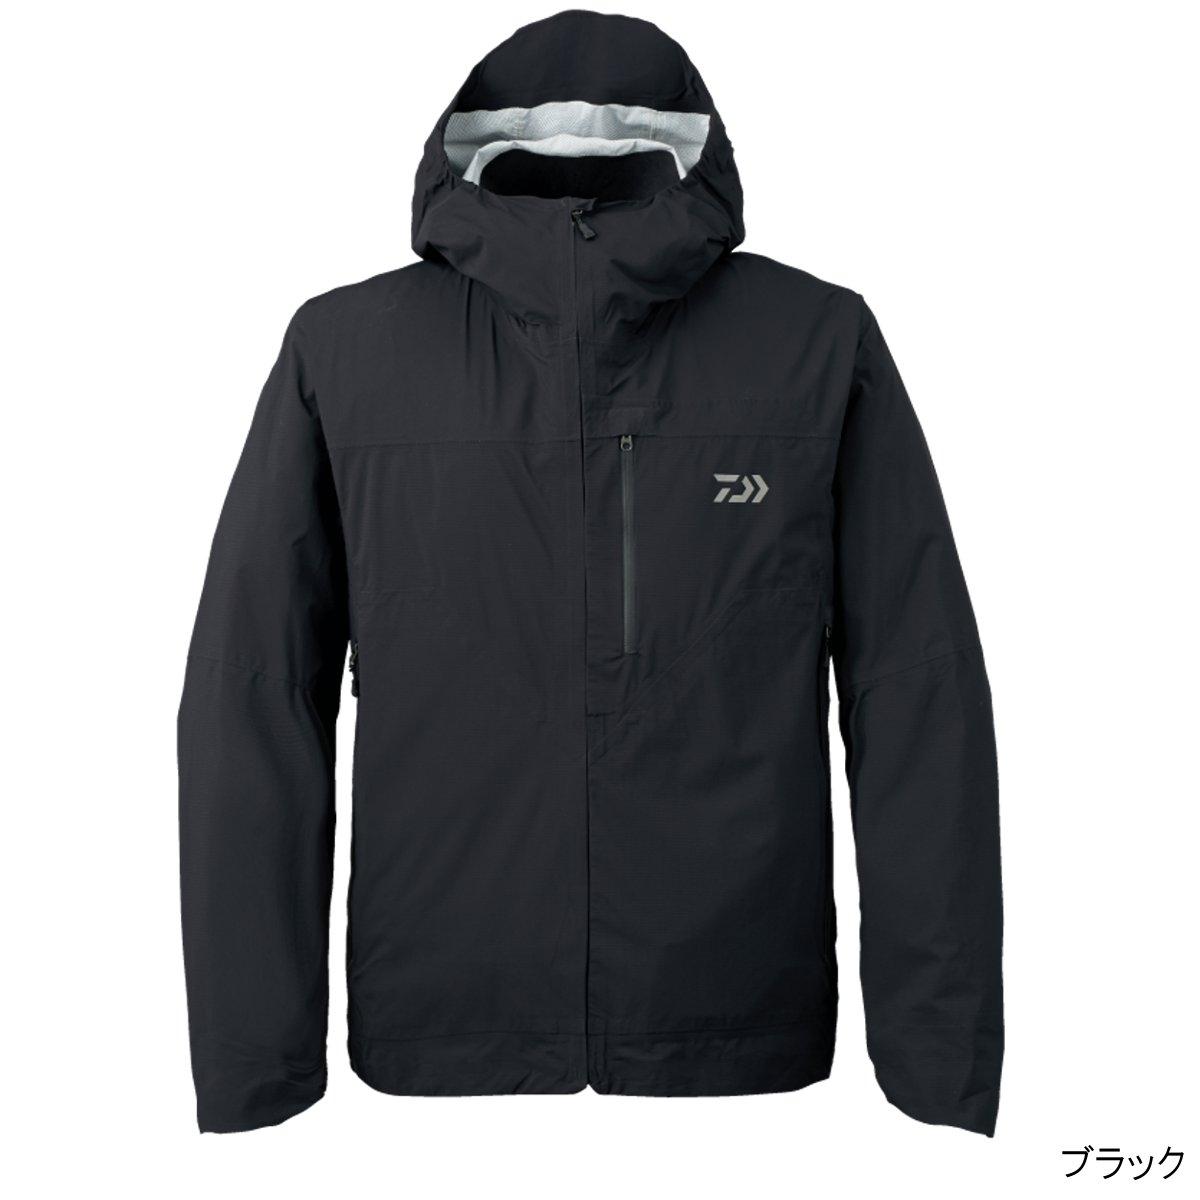 ダイワ レインマックス ポケッタブルレインジャケット DR-3207J M ブラック(東日本店)